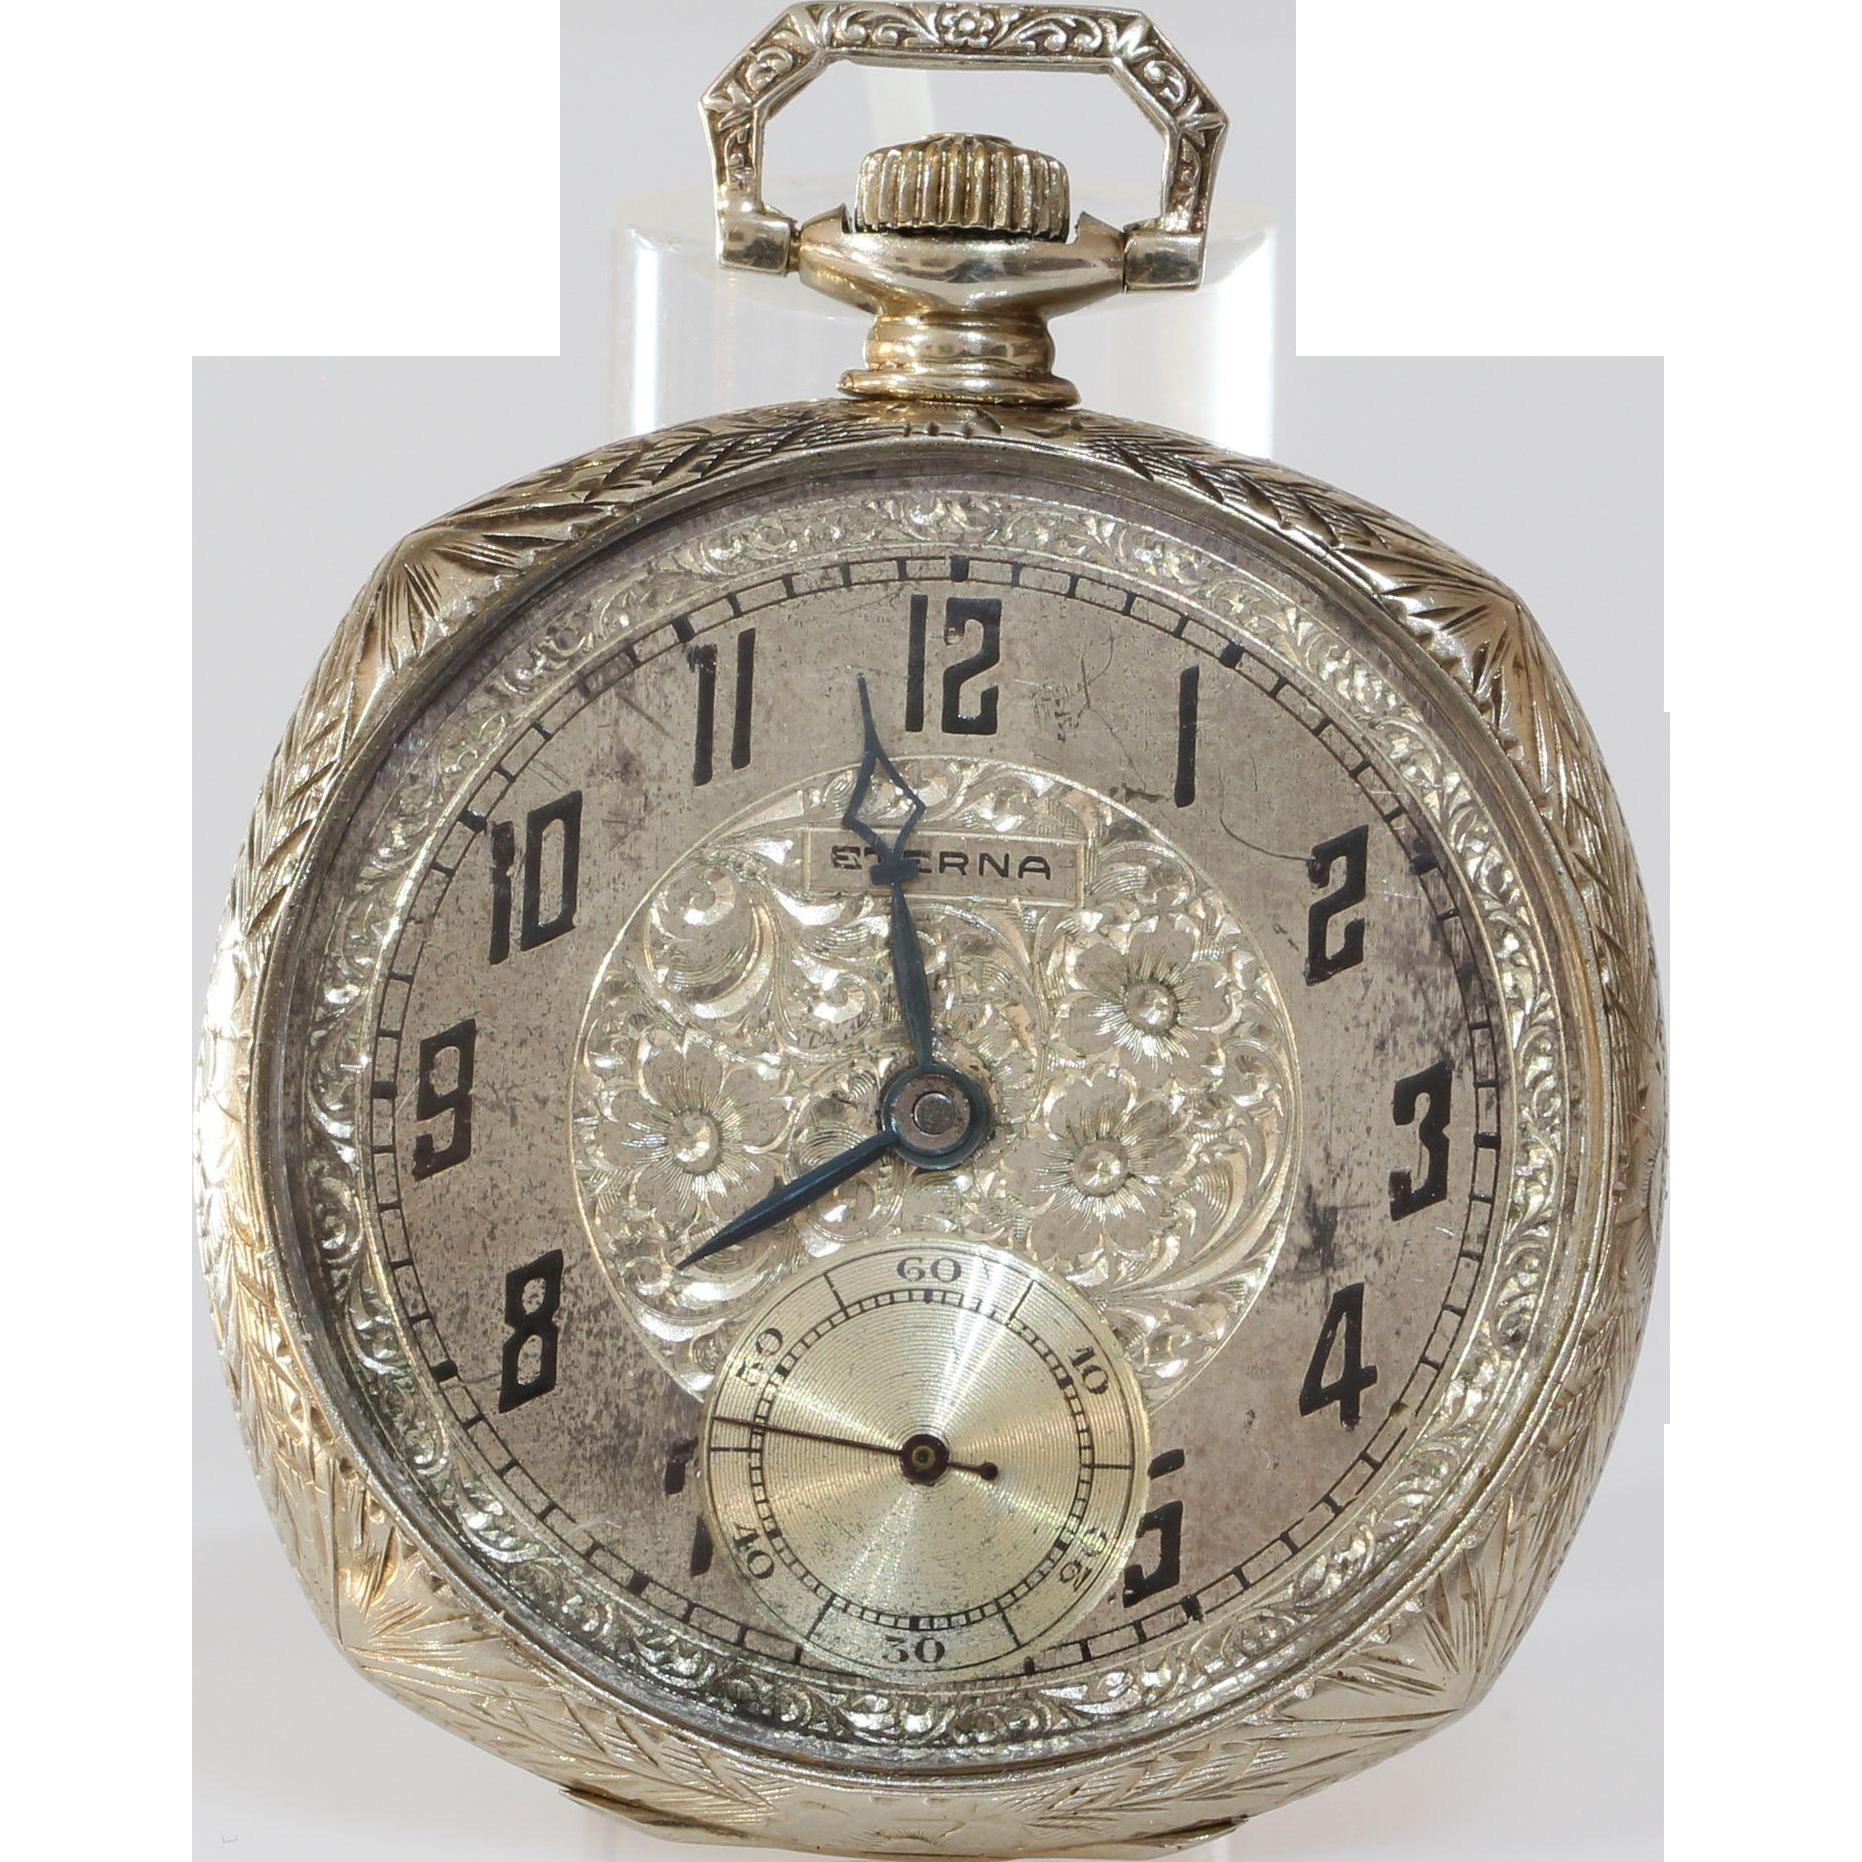 Vintagebeginshere At Www Rubylane Com Vintage Pocket Watch By Illinois Watch Co Vintage Pocket Watch Pocket Watch Antique Automatic Watches For Men